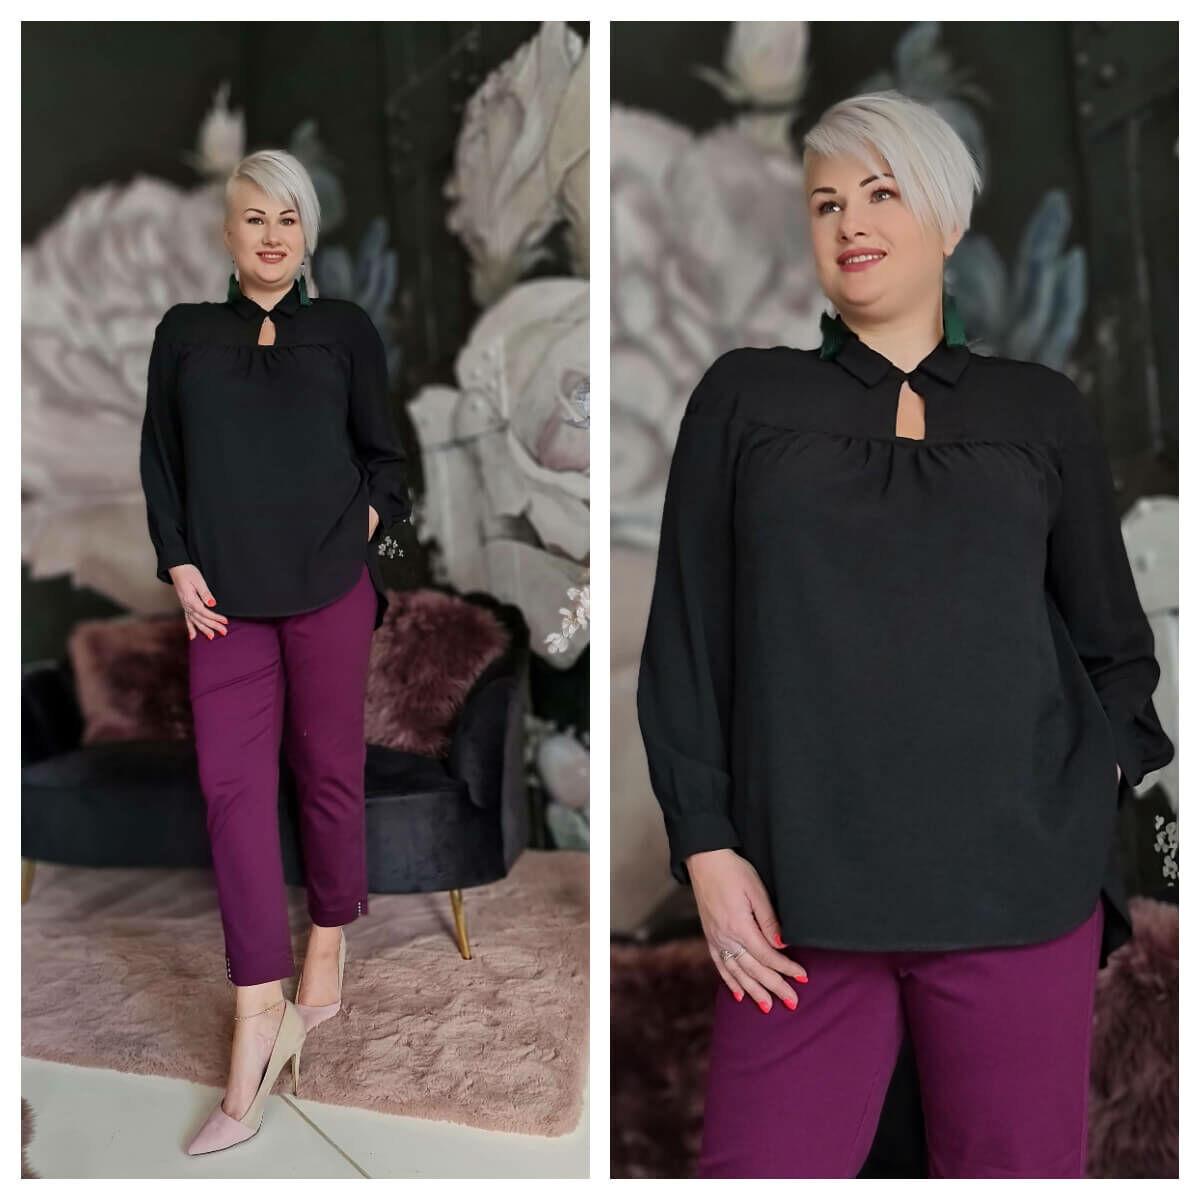 Nicole ing - nagyméretű fekete ing